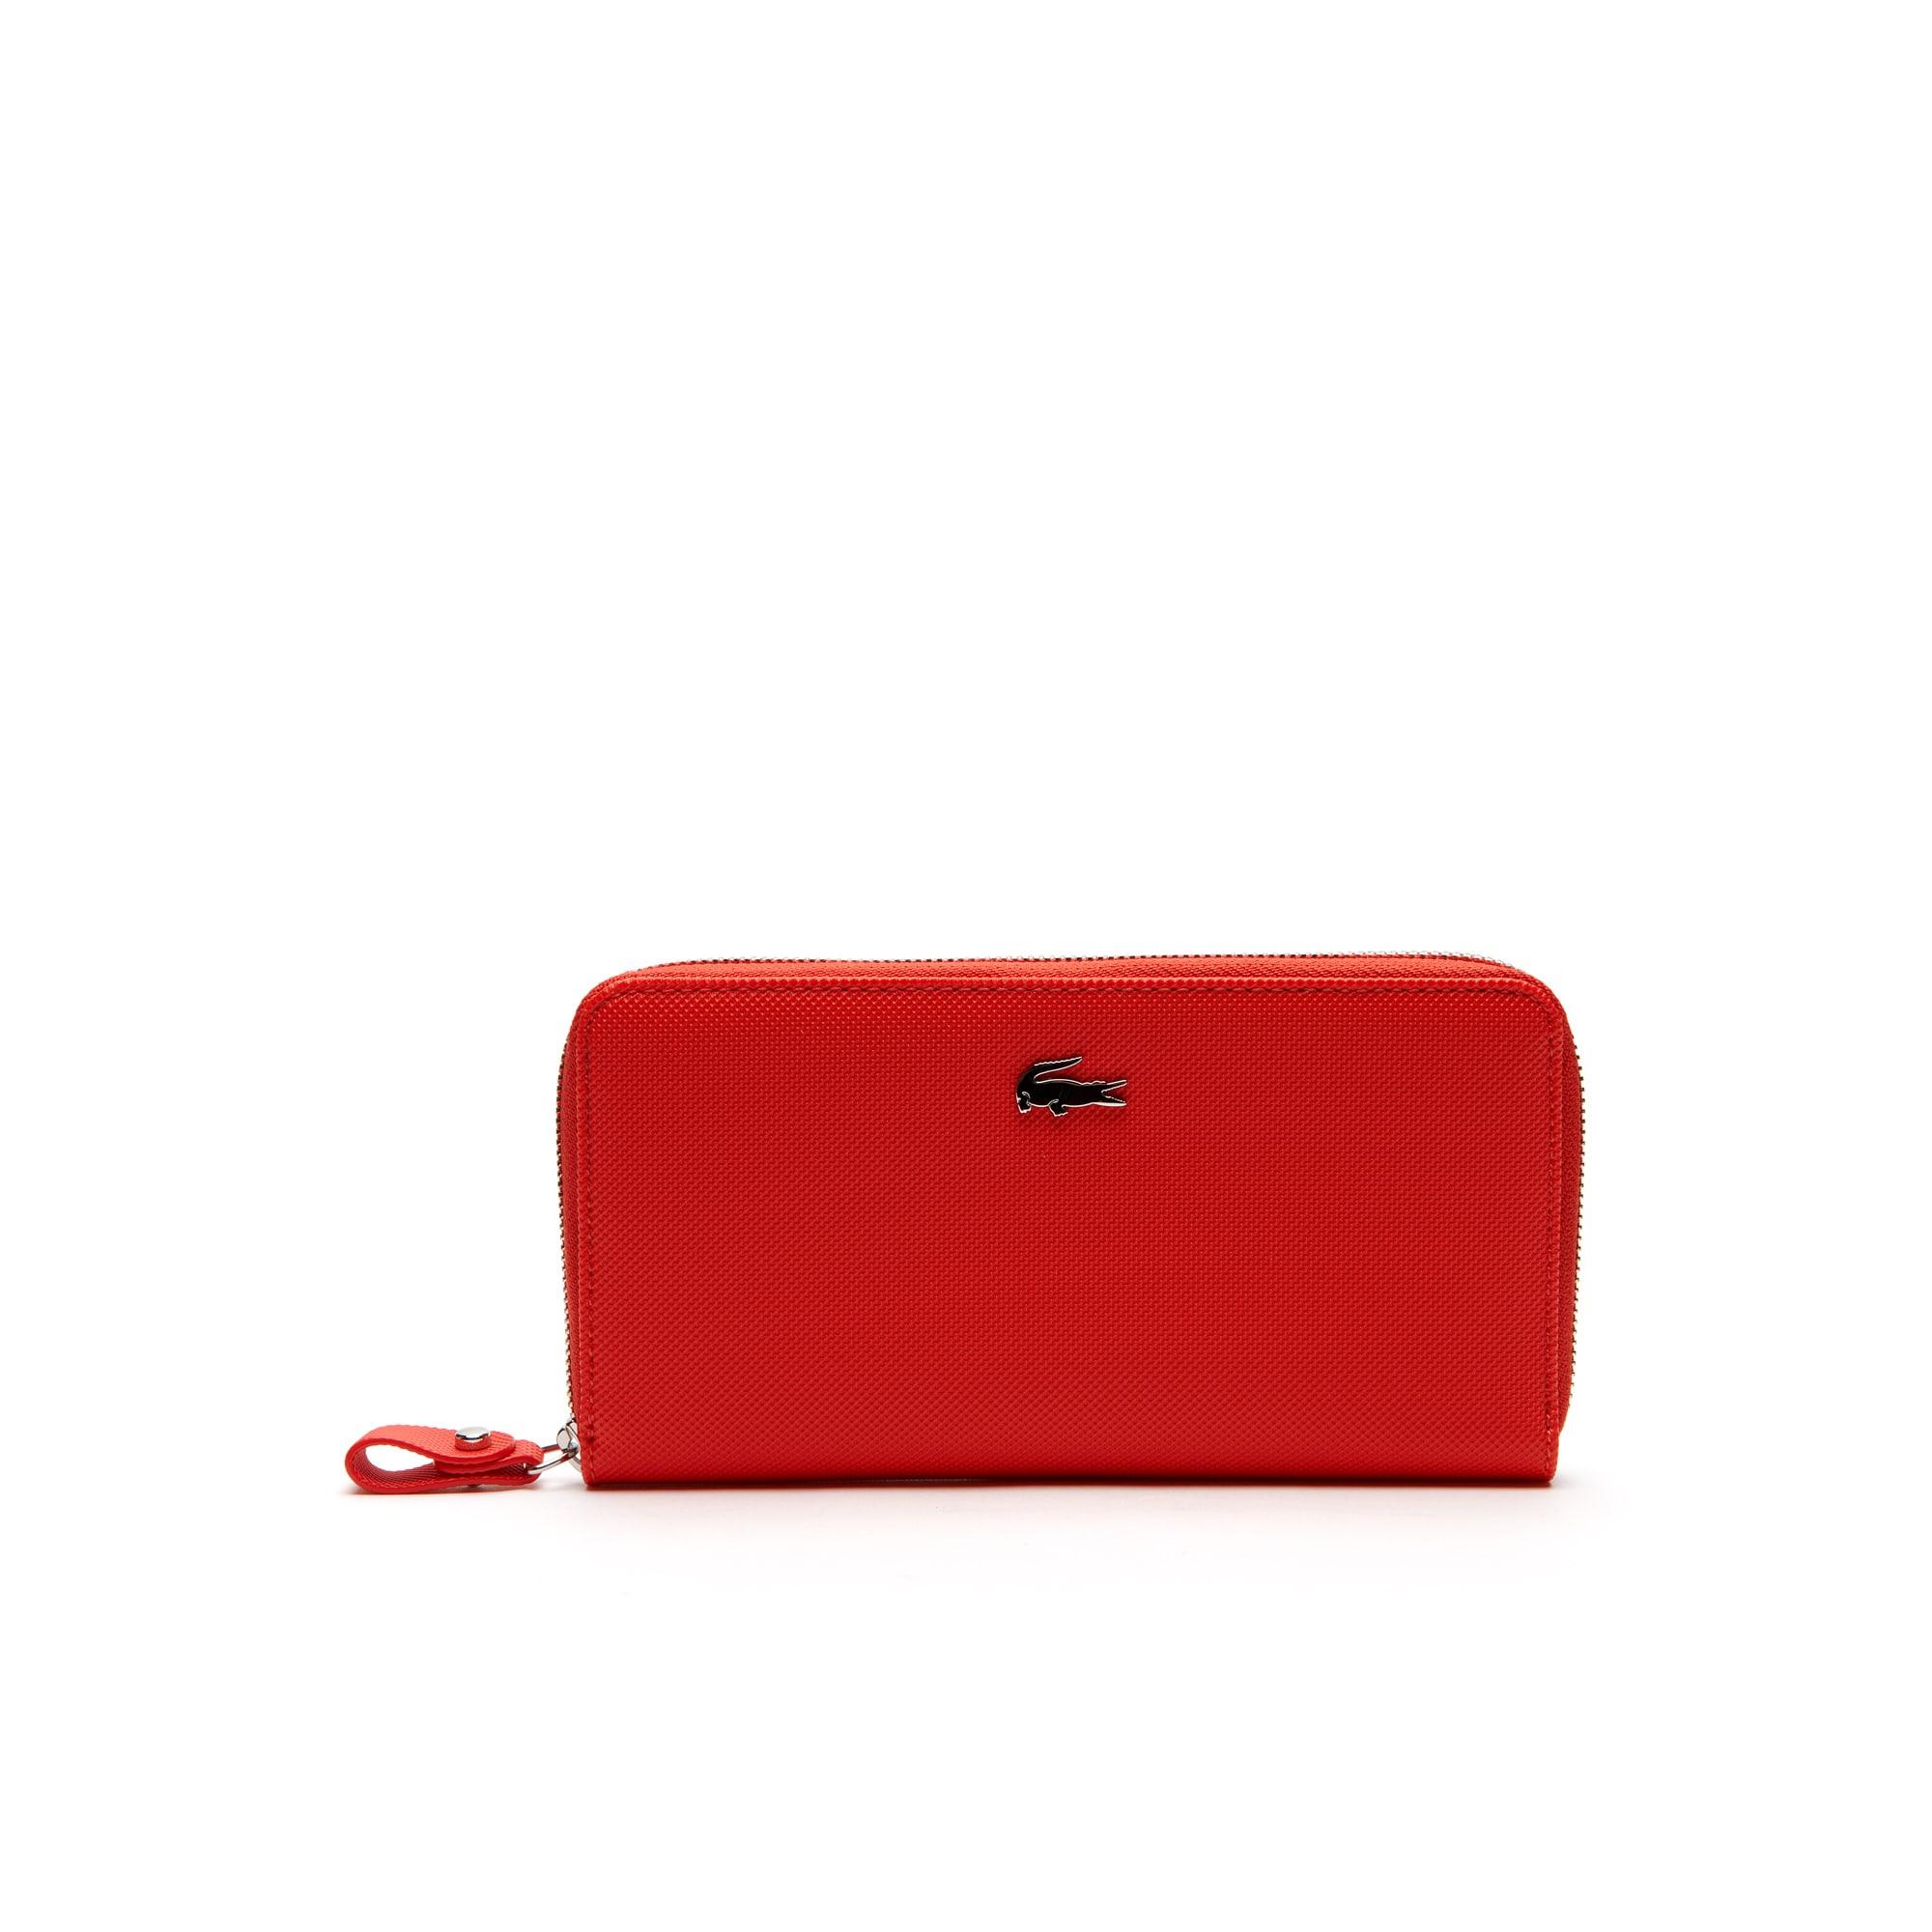 Daily Classic Reißverschluss-Brieftasche im großen Format